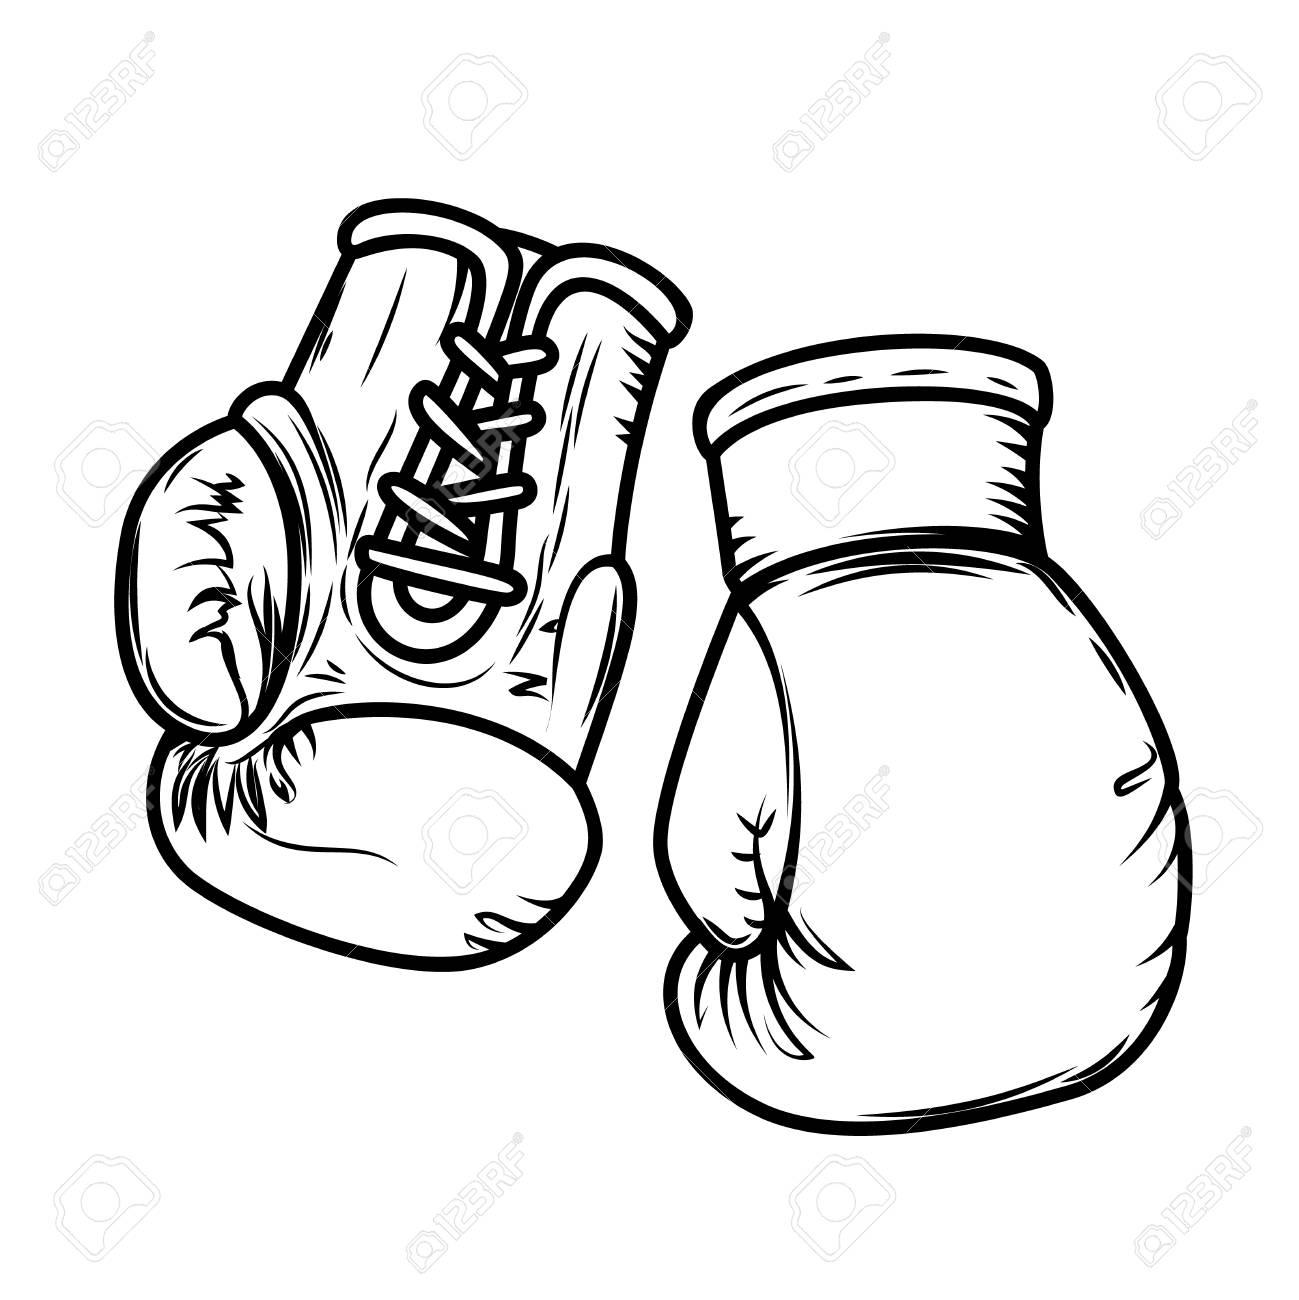 Illustration of boxing gloves. Design elements for logo, label, sign, menu. Vector image - 127509549